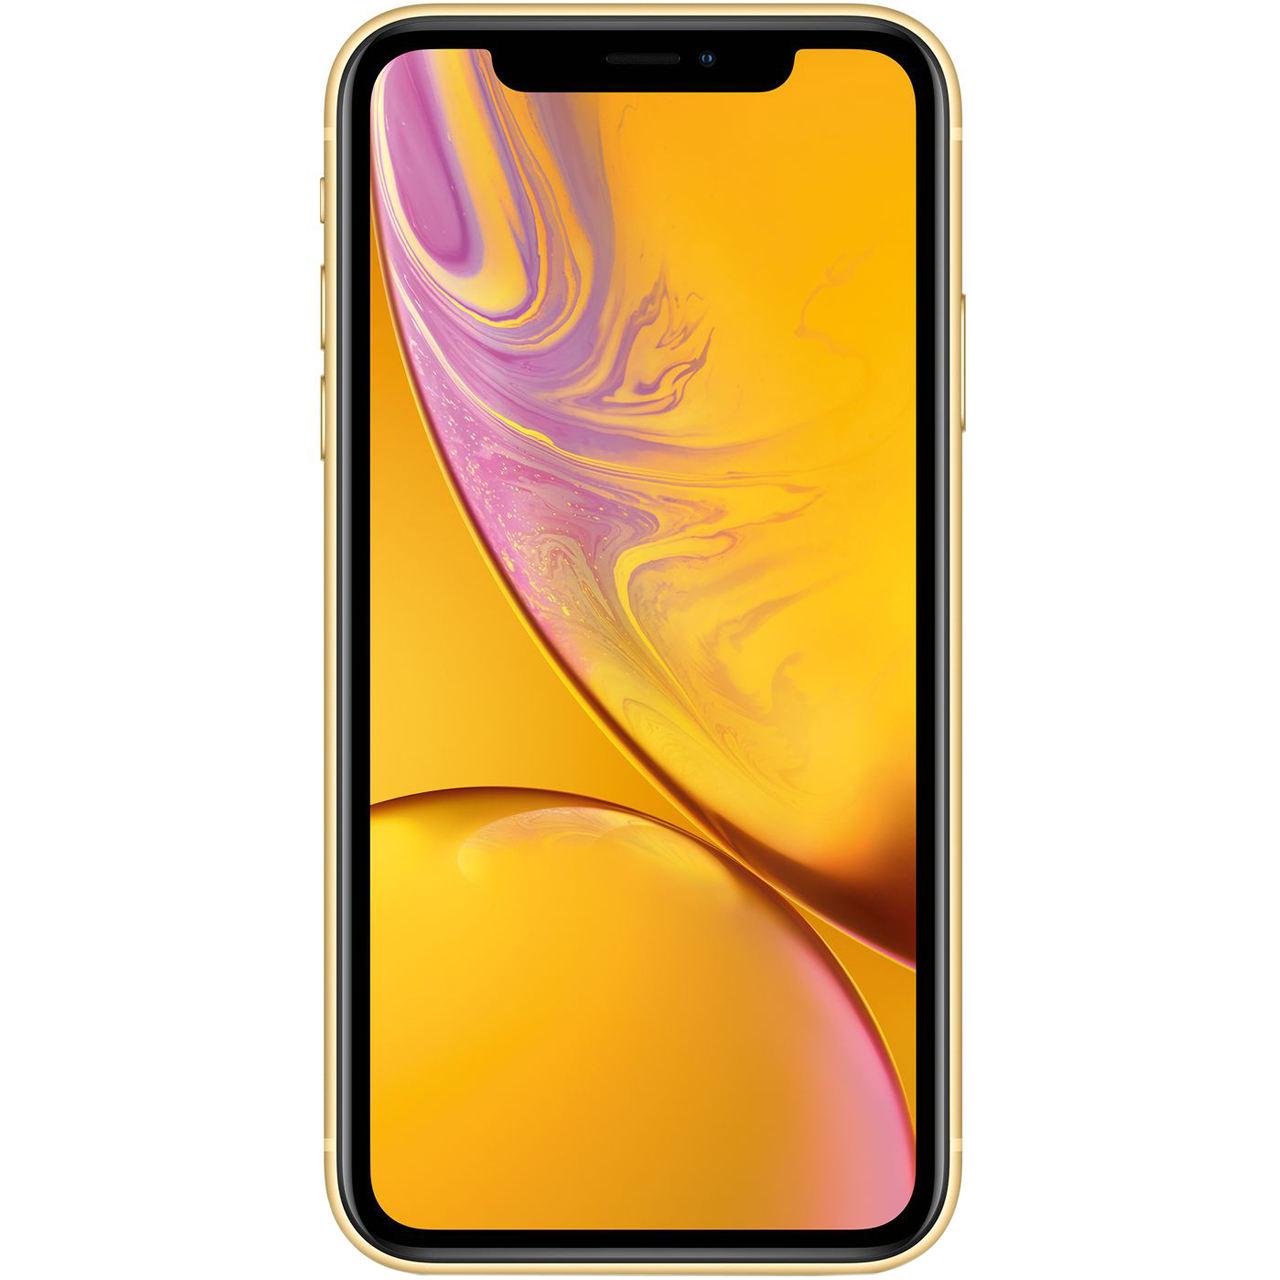 گوشی موبایل اپل مدل iPhone XR A2108 دو سیم کارت ظرفیت 256 گیگابایت